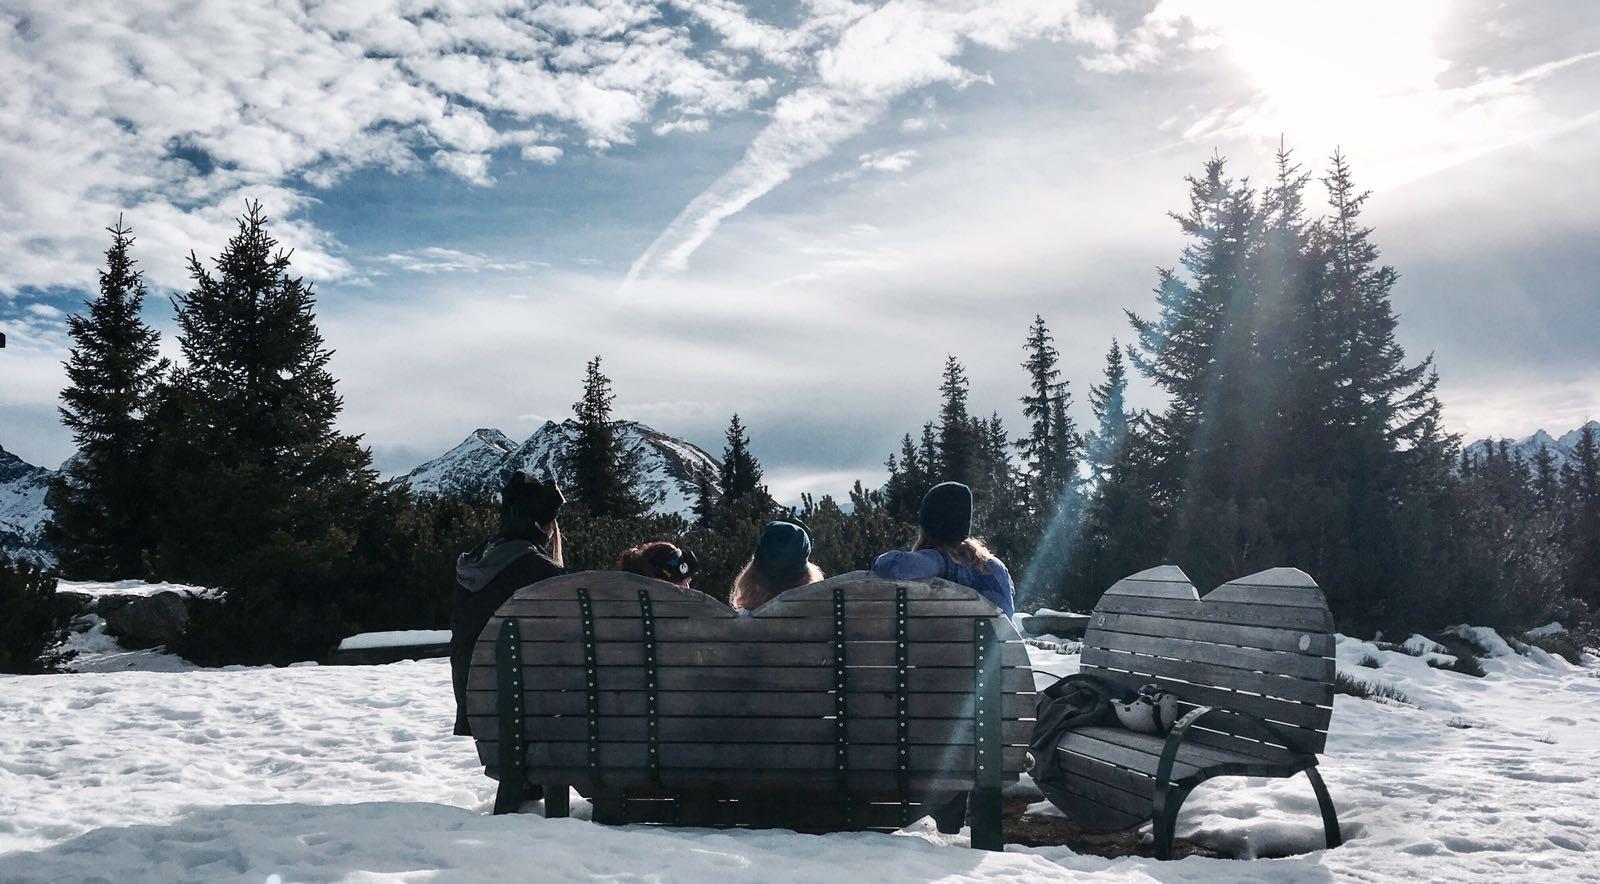 berg, landschaft, regionalentwicklung, slow tourism, experience tourism, erlebnistourismus, ökotourismus